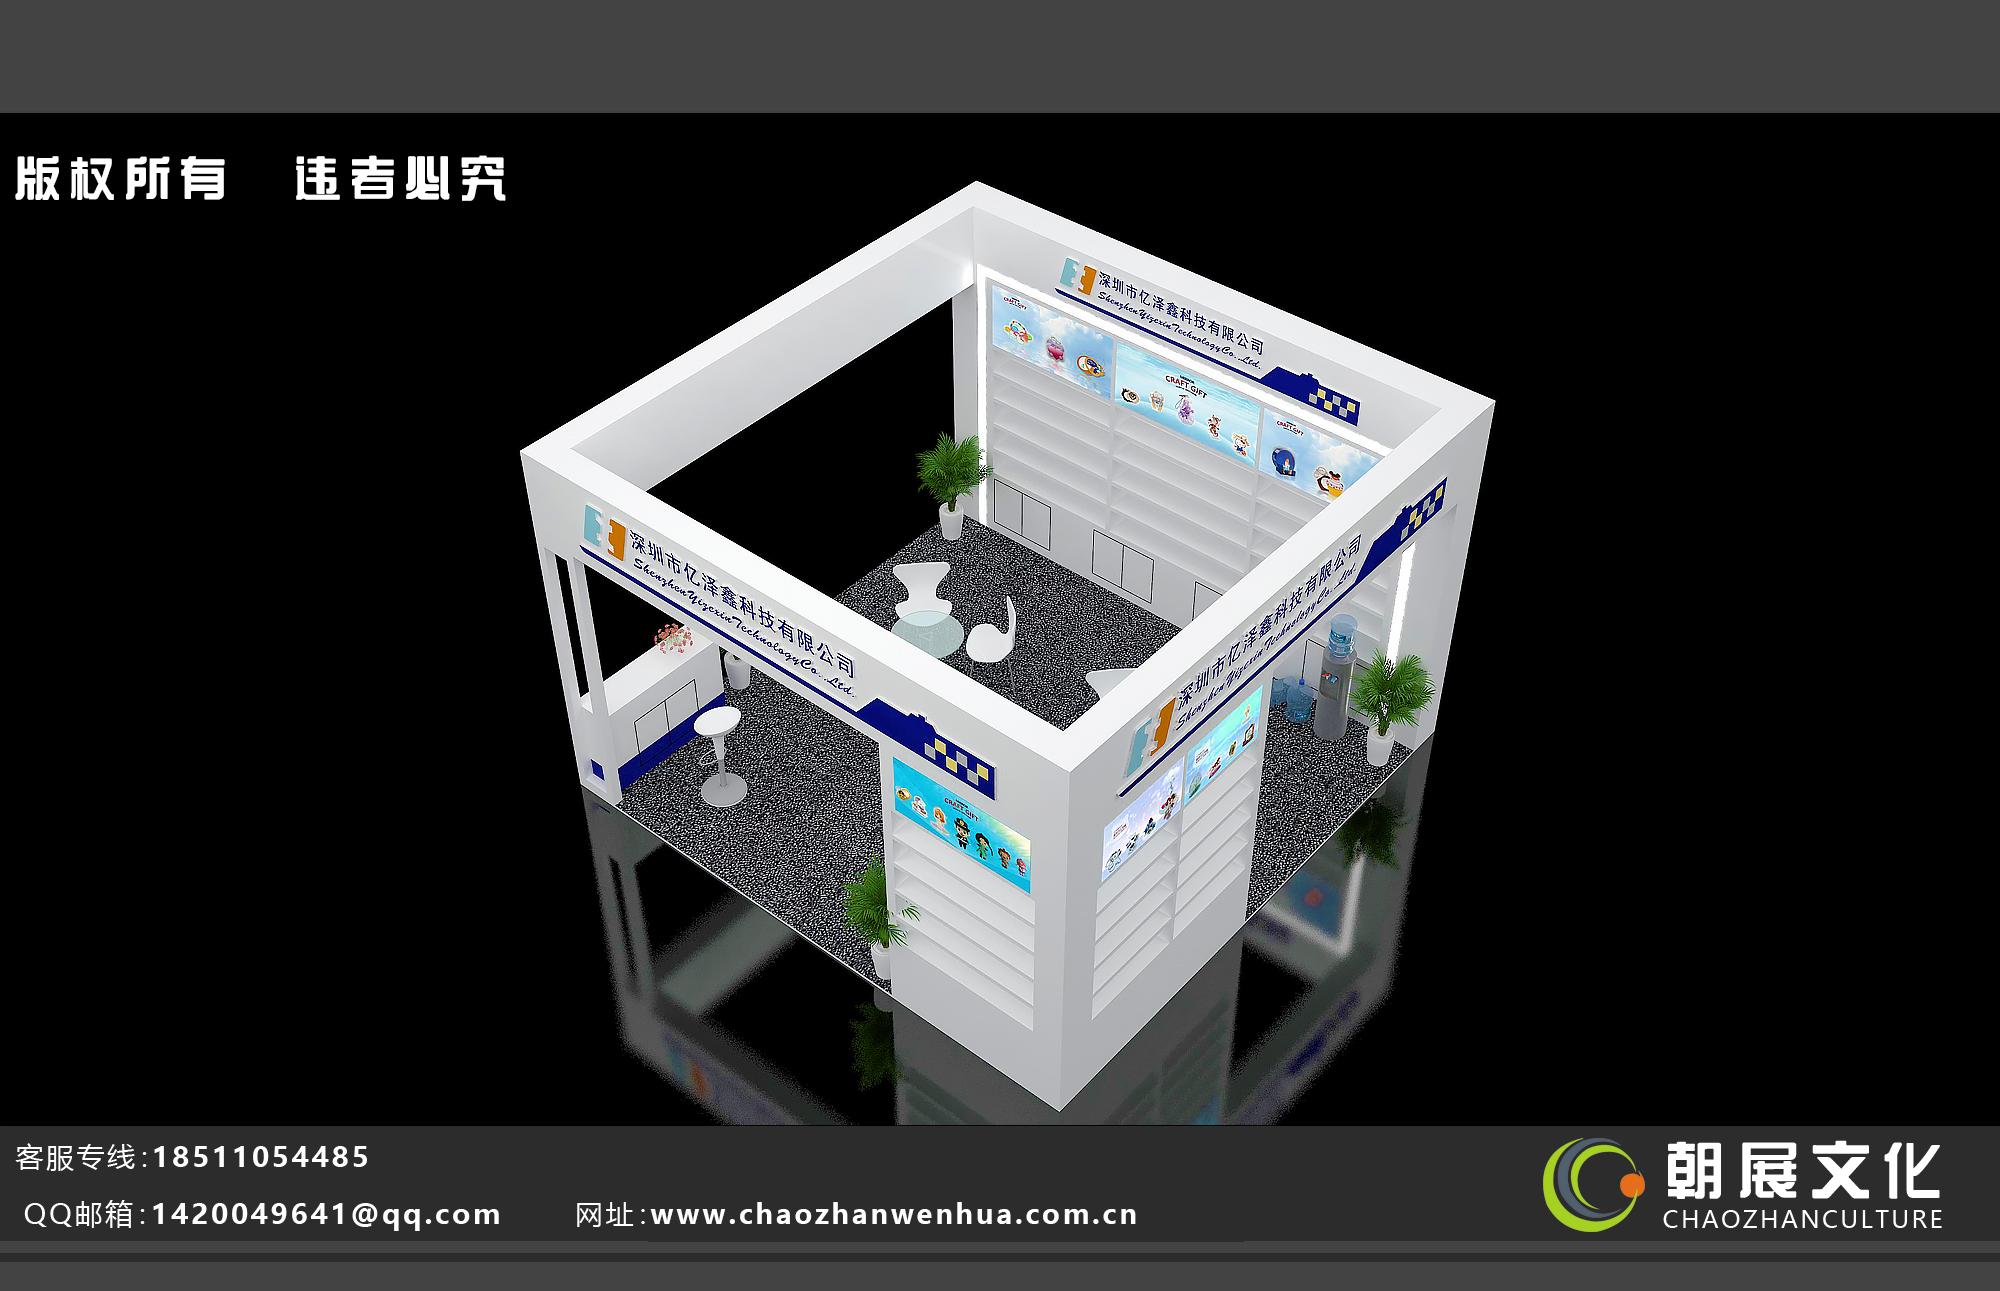 2021北京礼品展